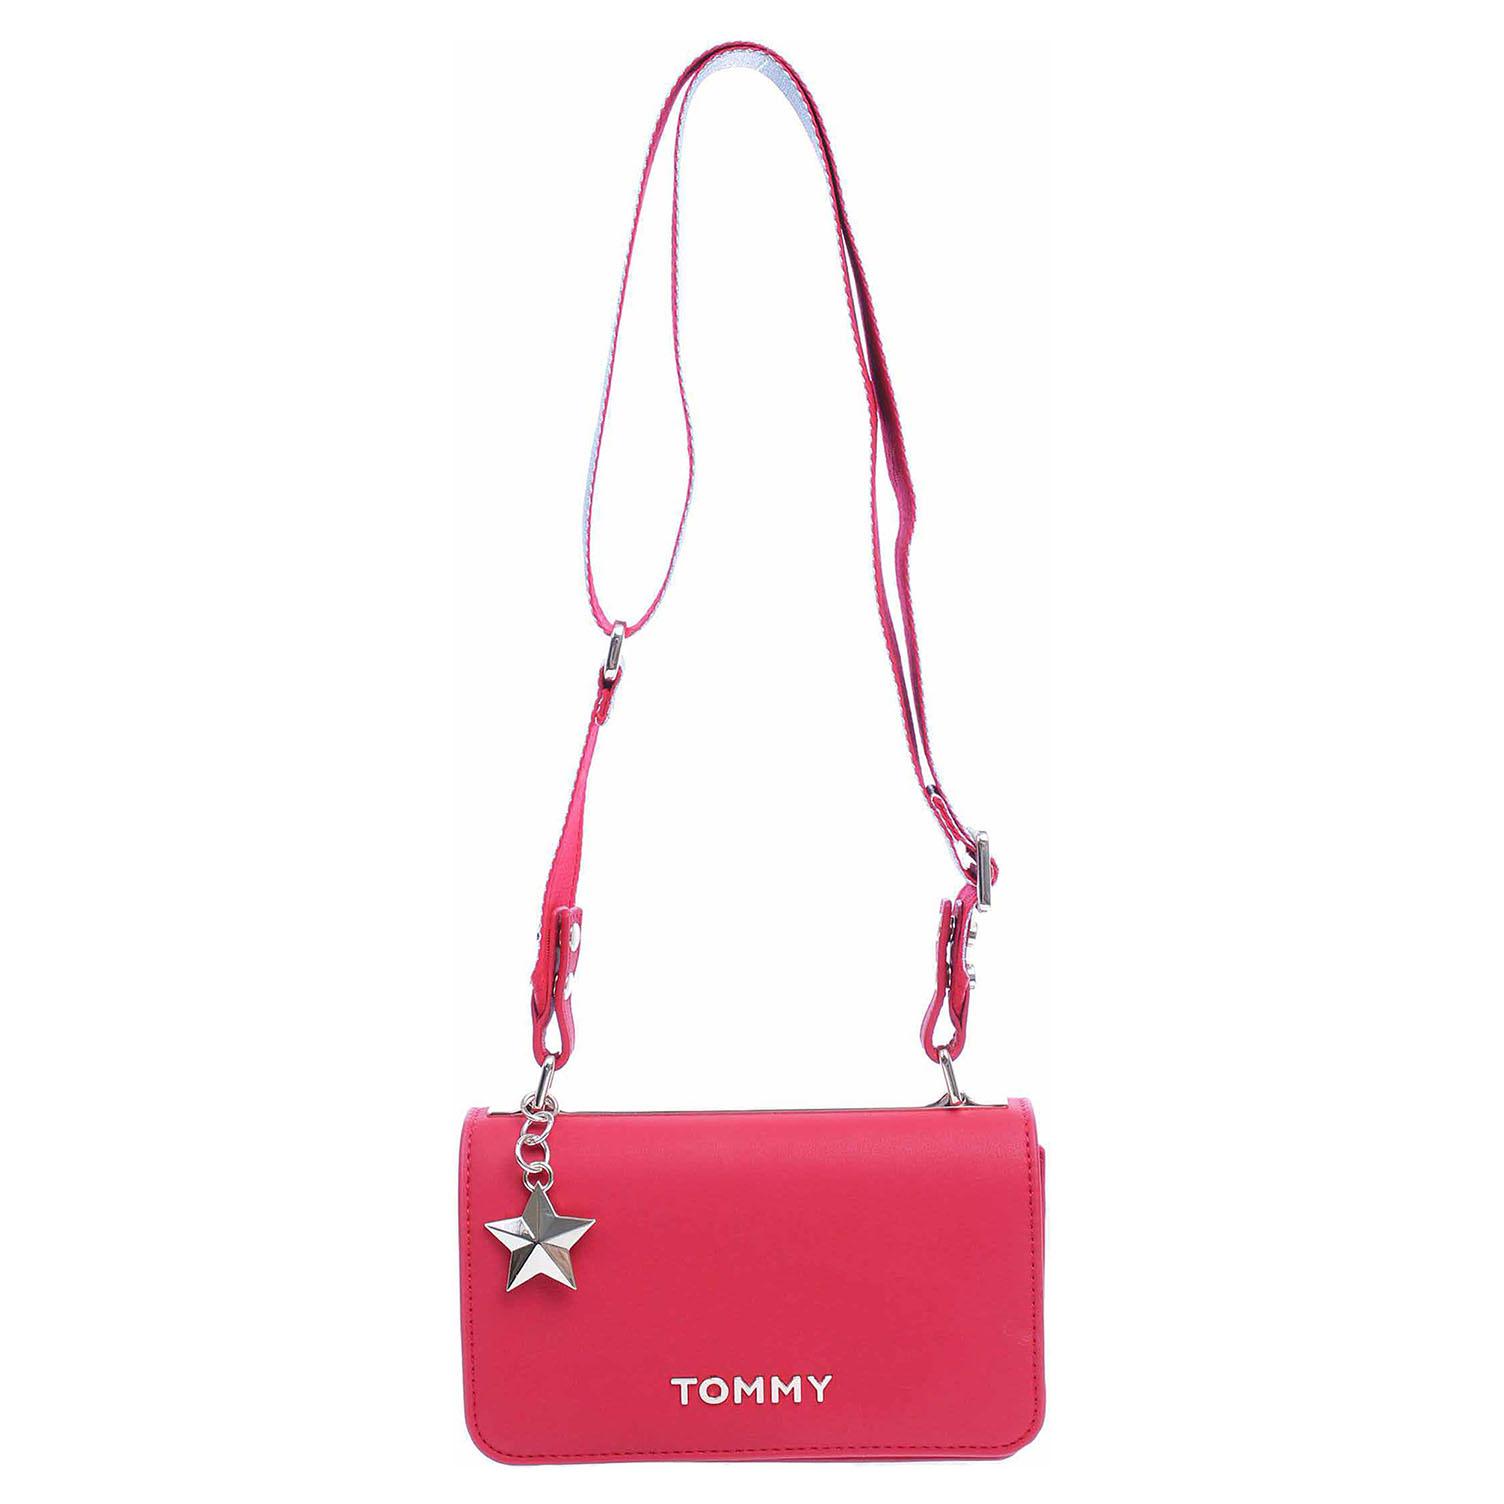 Tommy Hilfiger dámská kabelka AW0AW06438 614 tommy red-silver metallic AW0AW06438 614 1